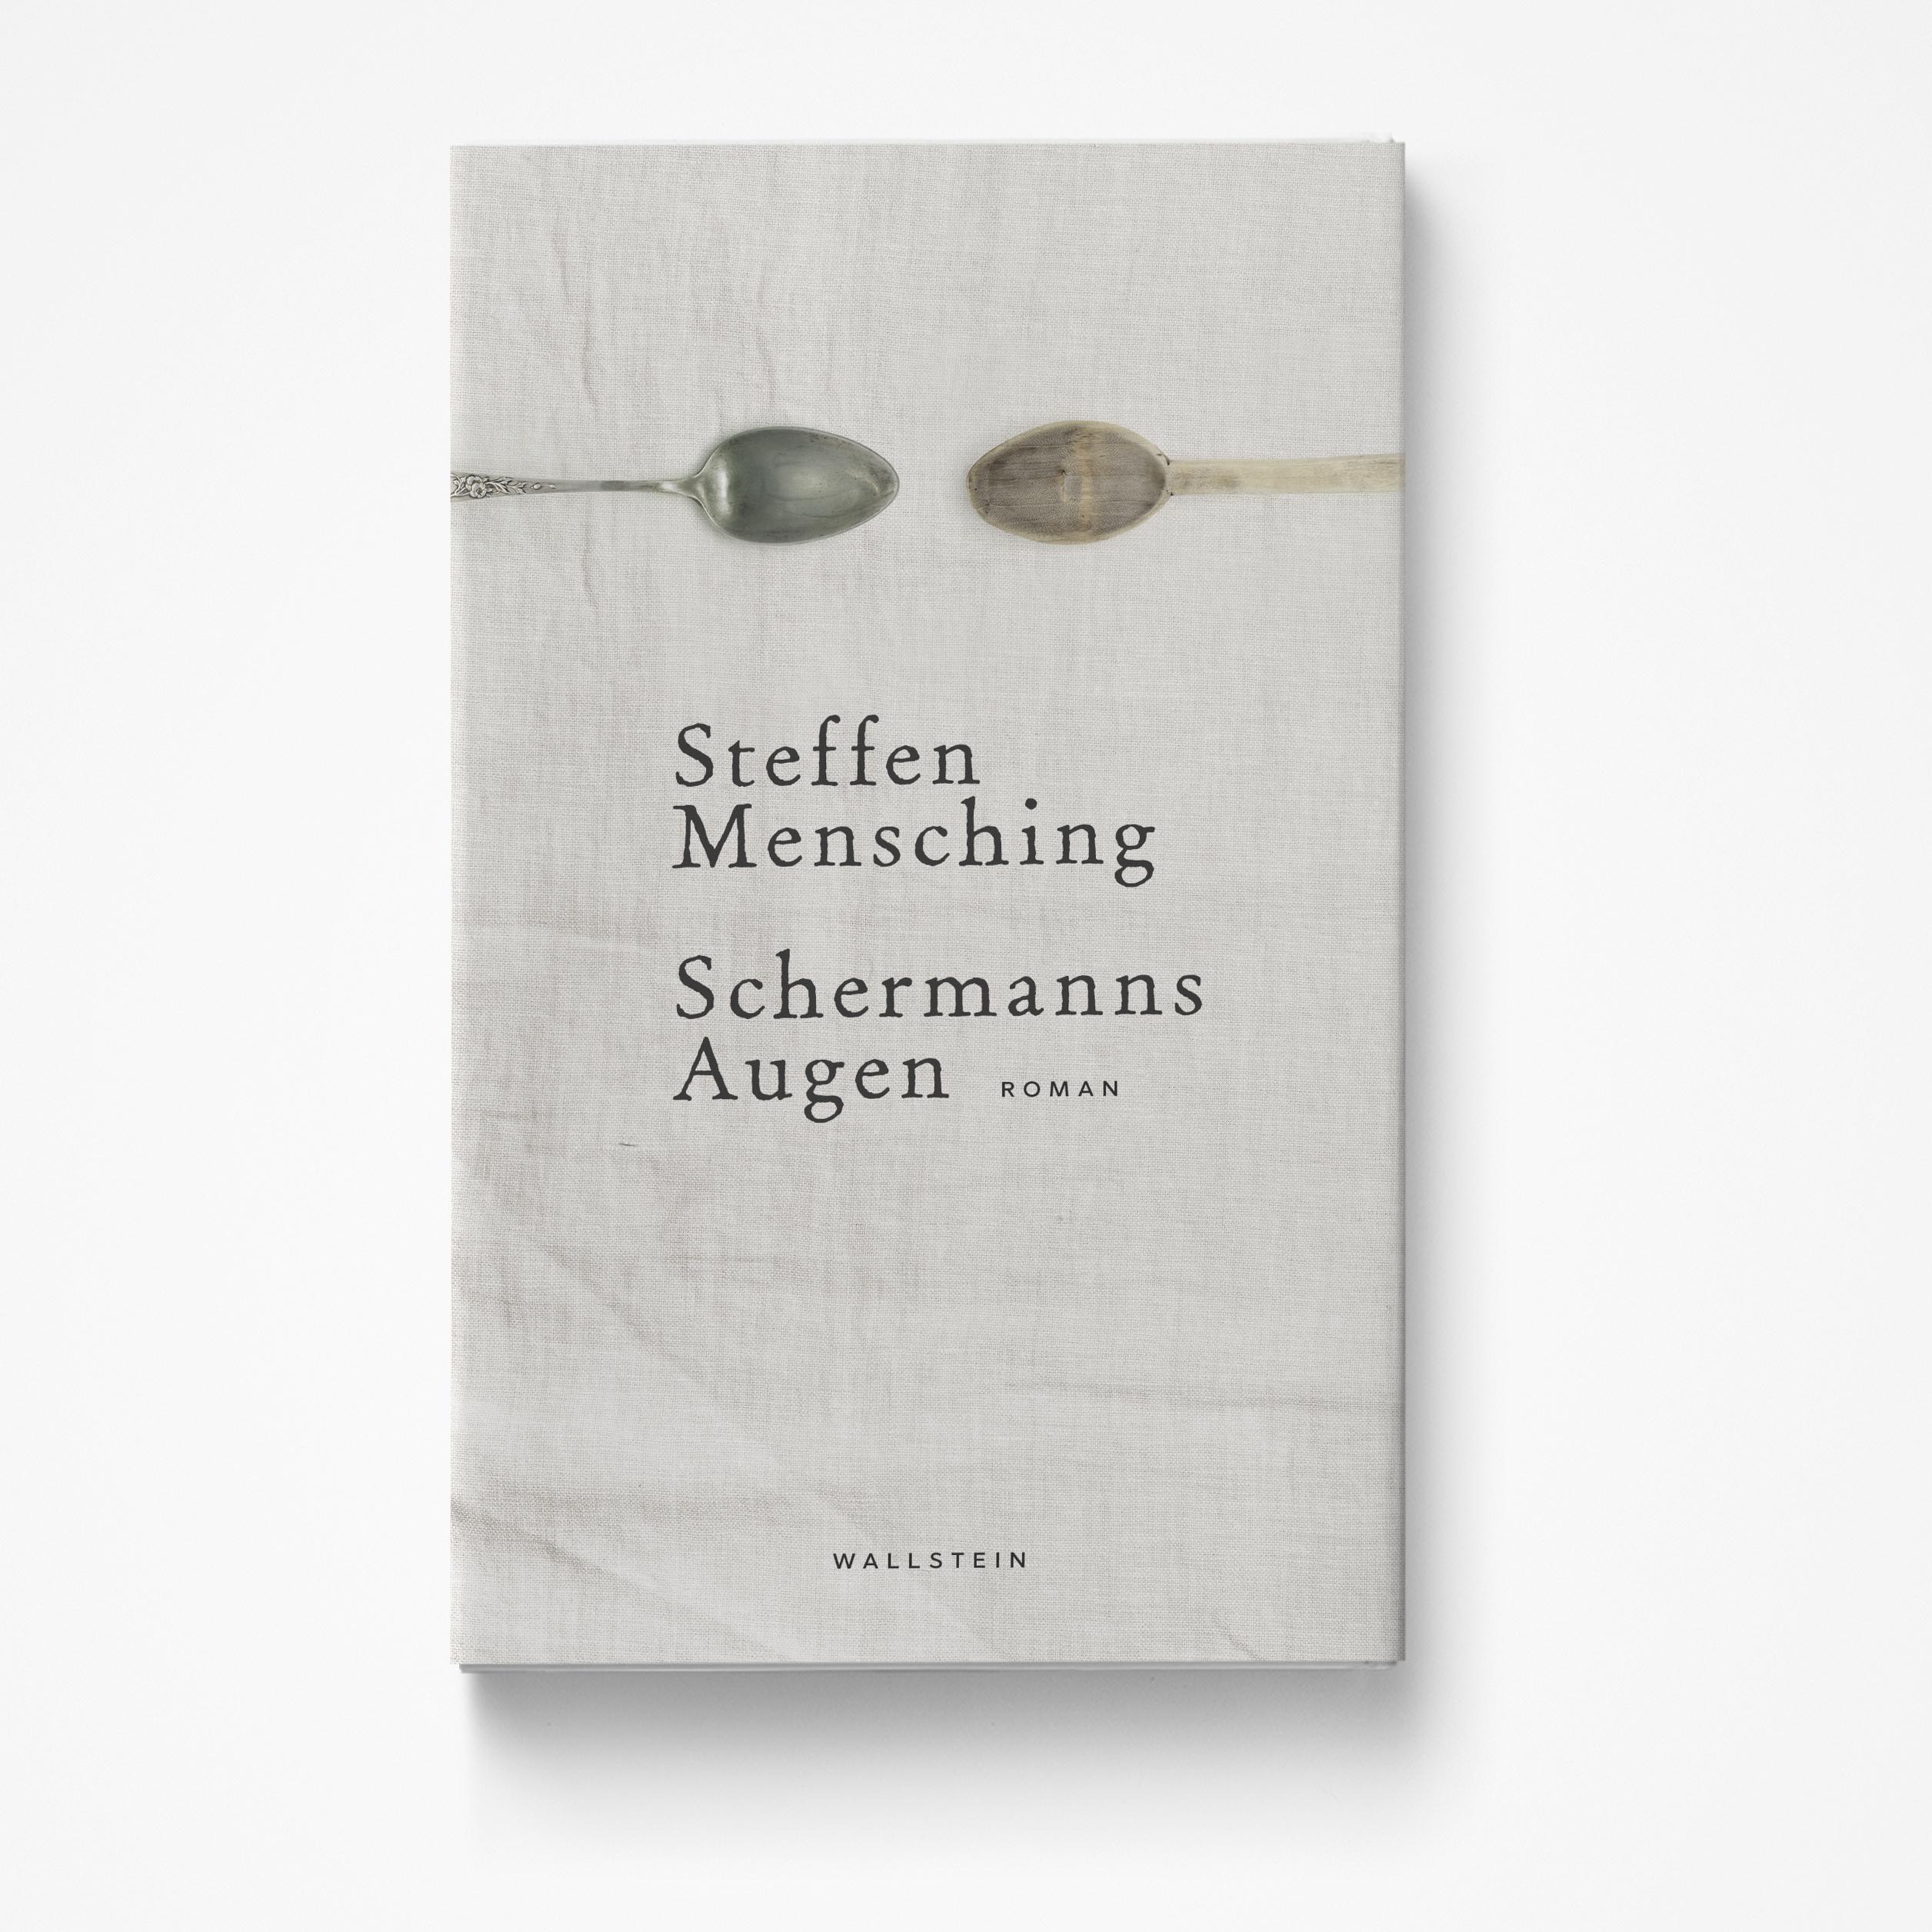 wallstein verlag cover design stine wiemann